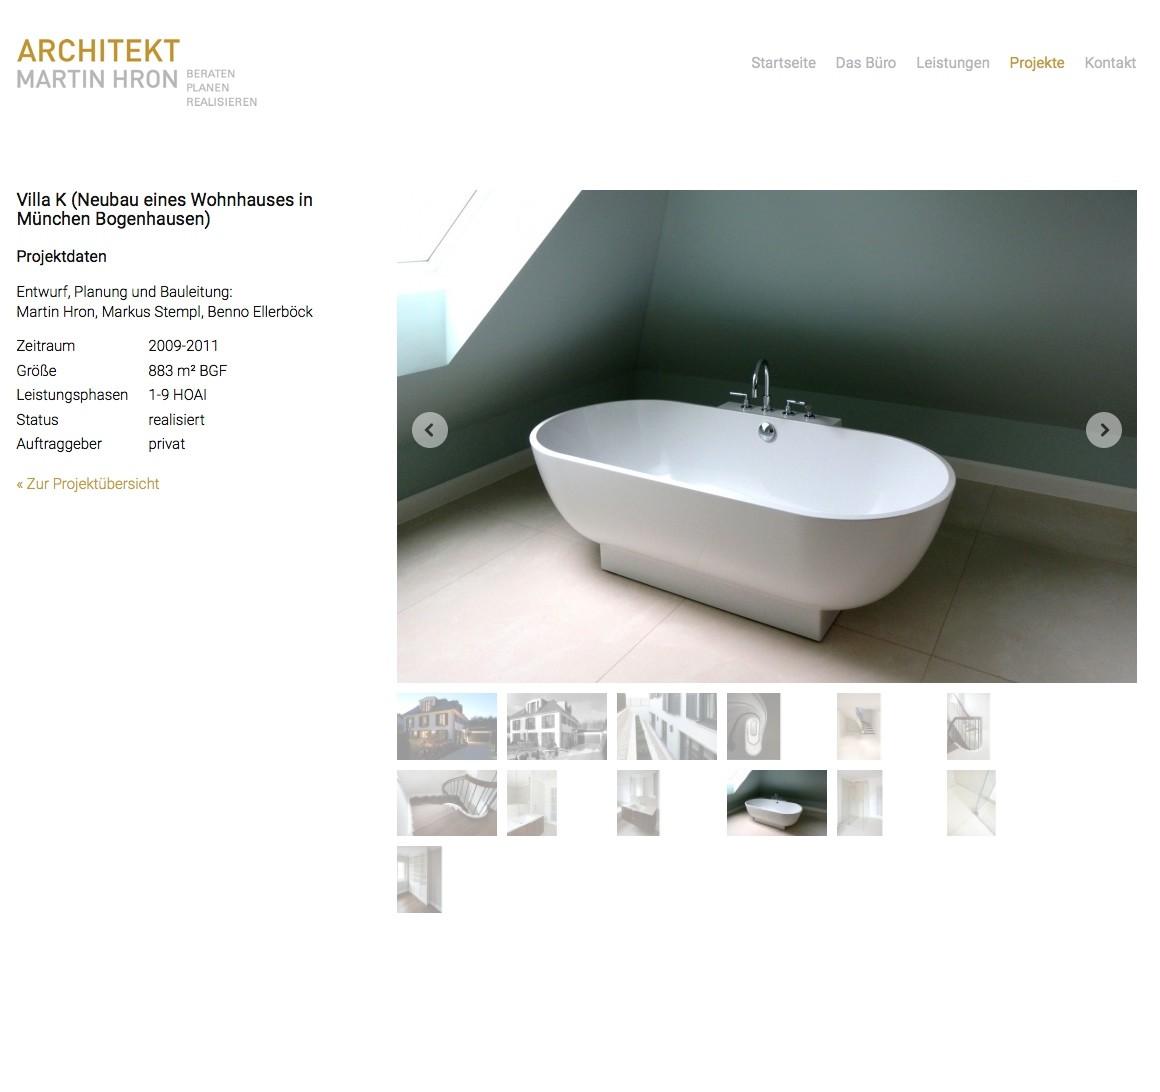 Projektdaten und Projektfotos auf einer Detailseite